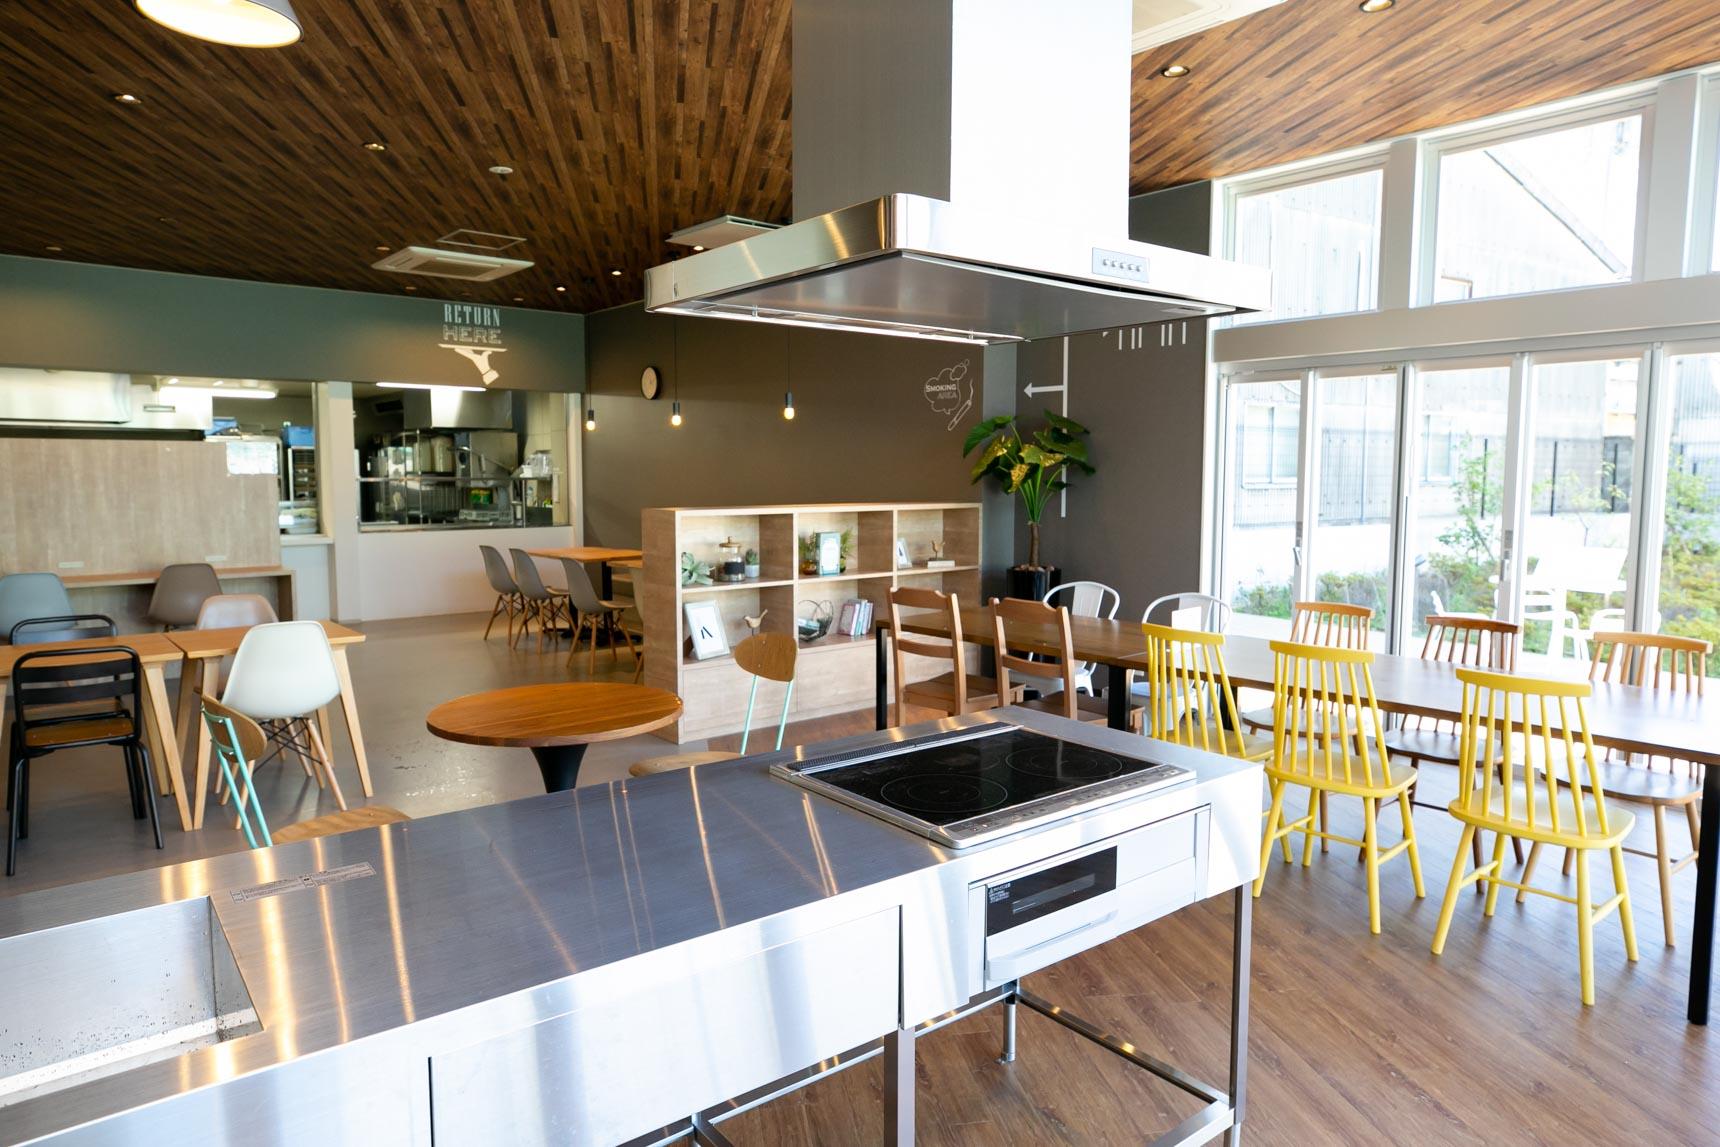 電気鍋セットや、食堂の一角に設けられたアイランドキッチンを使って、みんなでパーティーができます。出身の国の郷土料理を教えてもらうなんていうのも楽しそうですよね!